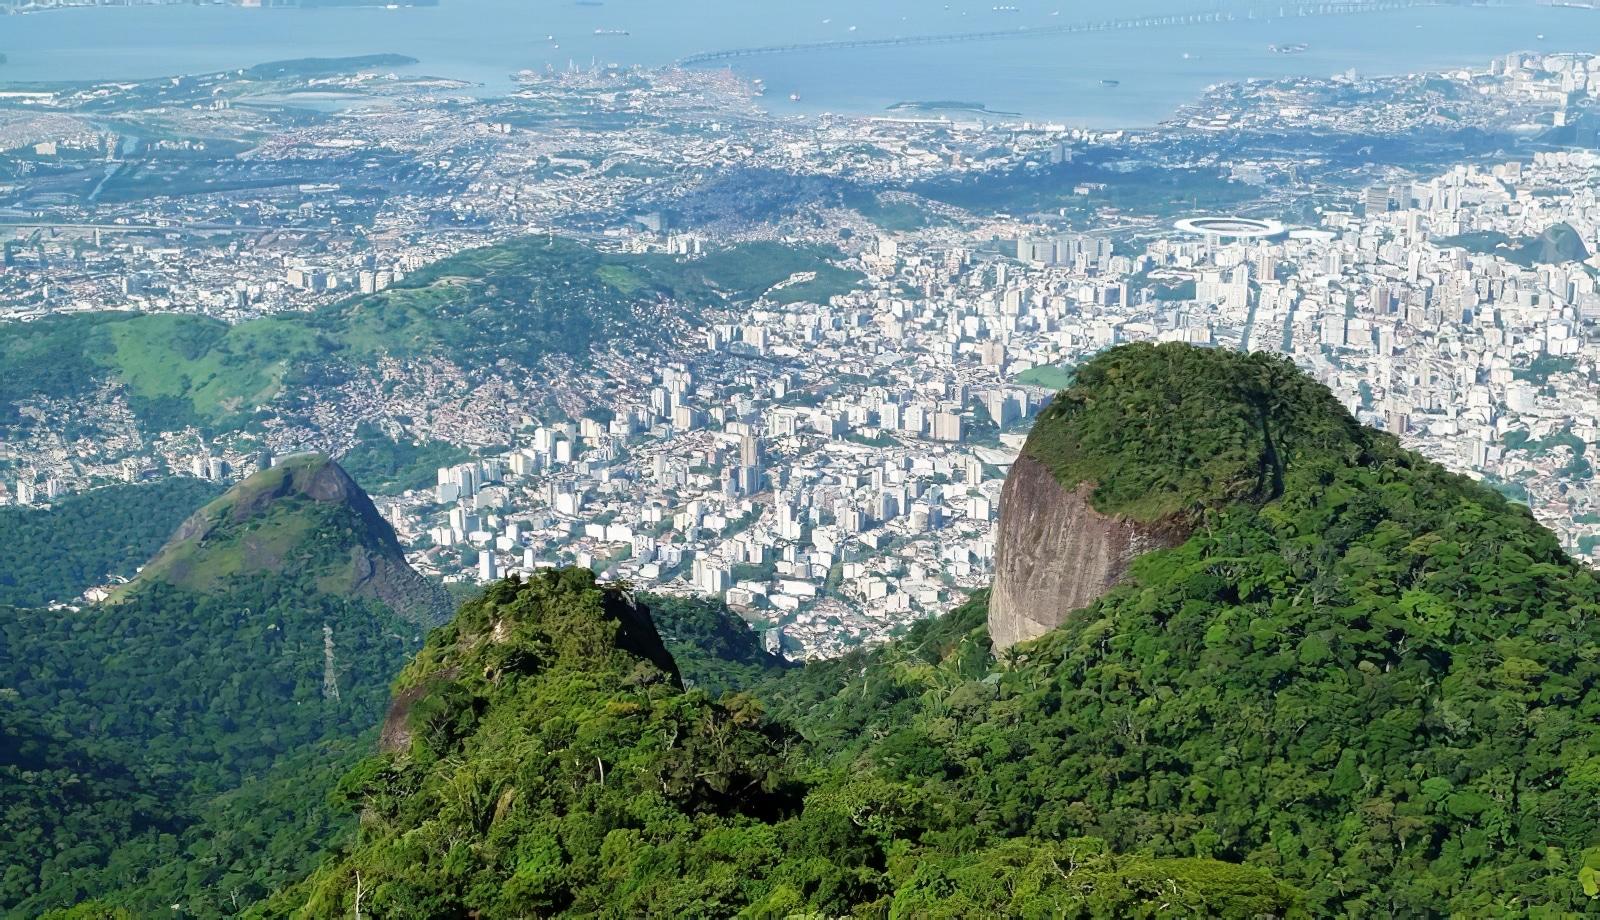 Randonnez sur le pic de la Tijuca, plus haut pic de Rio